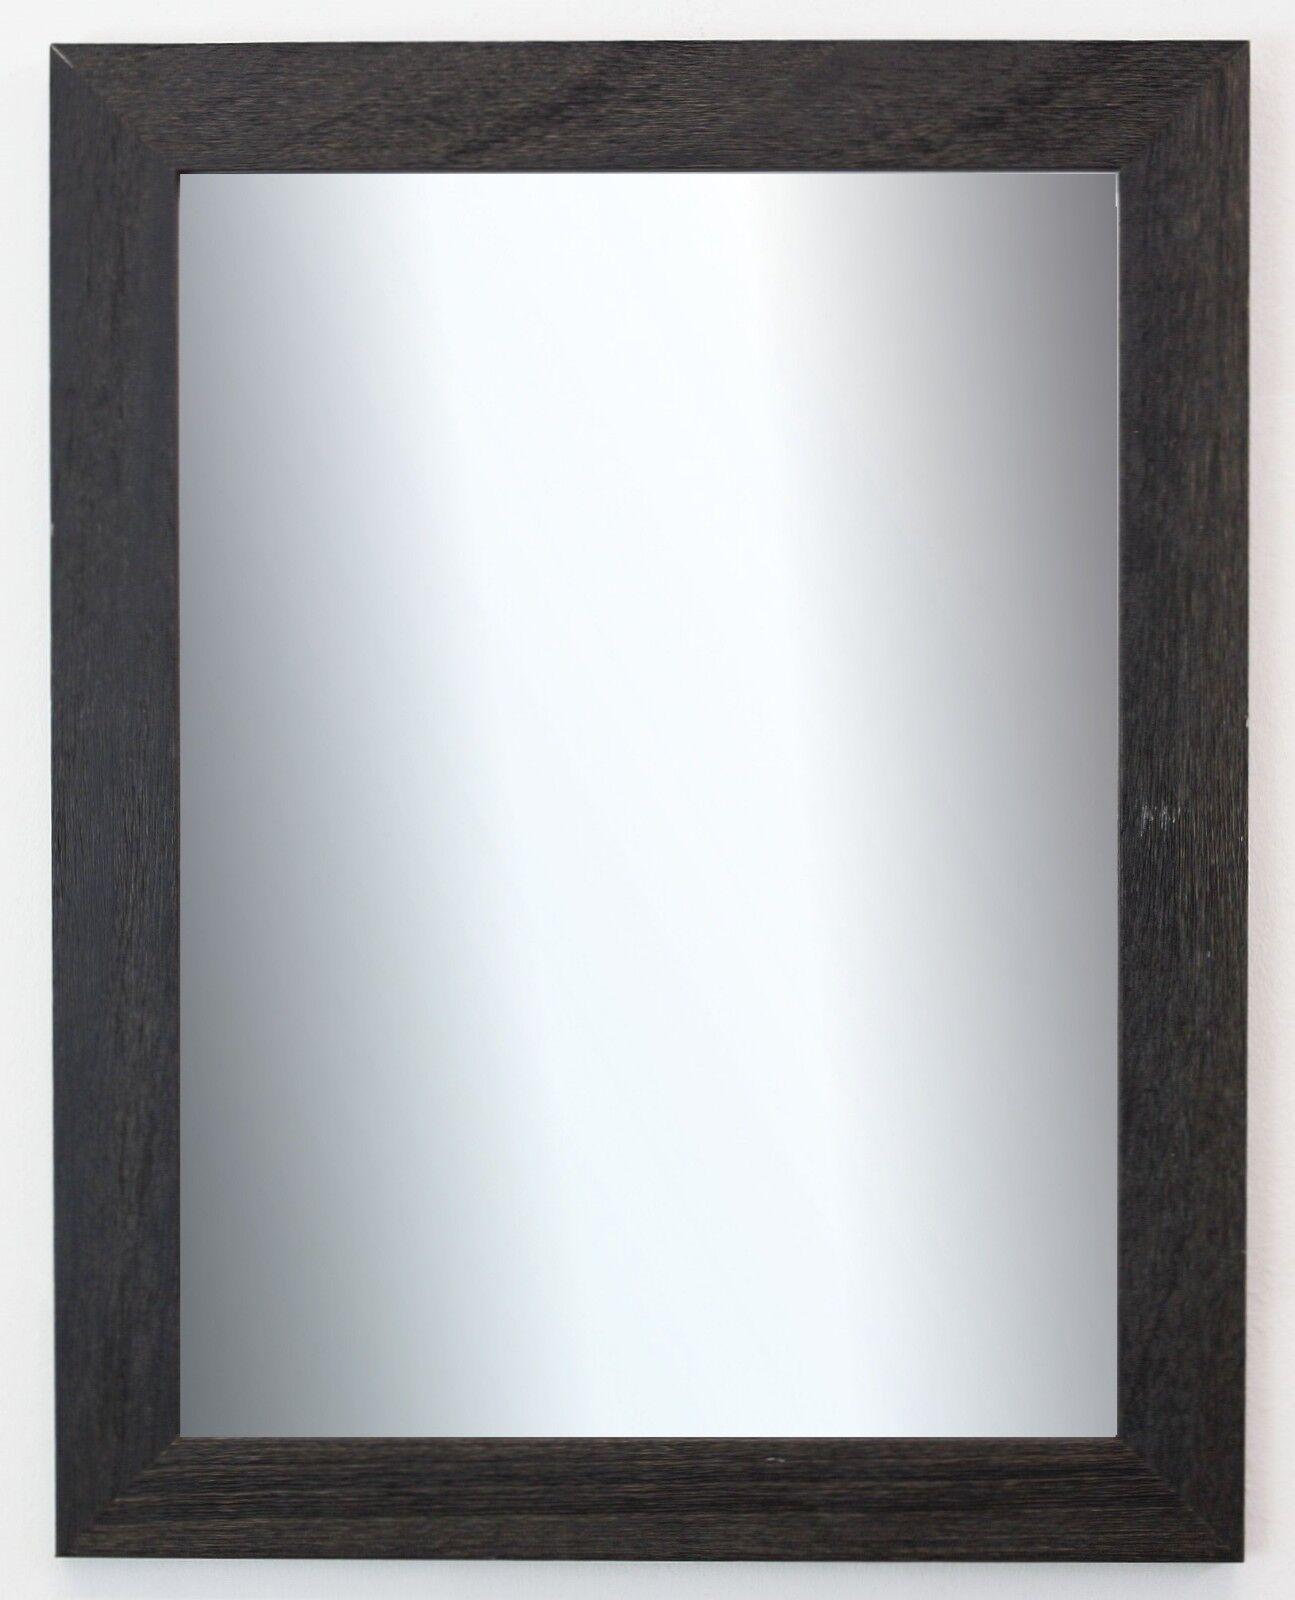 Wandspiegel Schwarz Struktur Florenz Landhaus Shabby 4,0 - NEU alle Größen